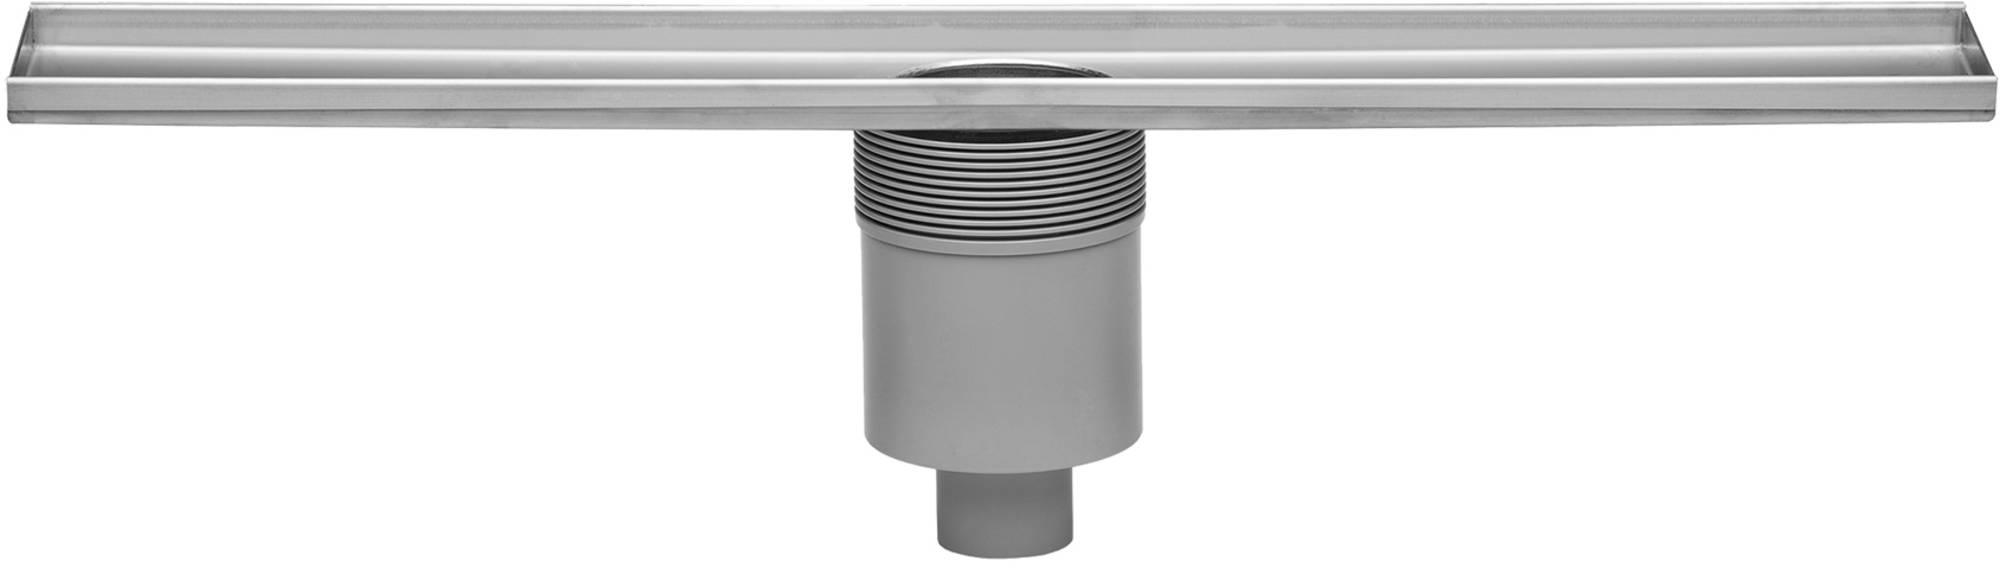 Productafbeelding van Easy Drain Multi douchegoot 80 cm. onderuitloop zonder rooster Rvs